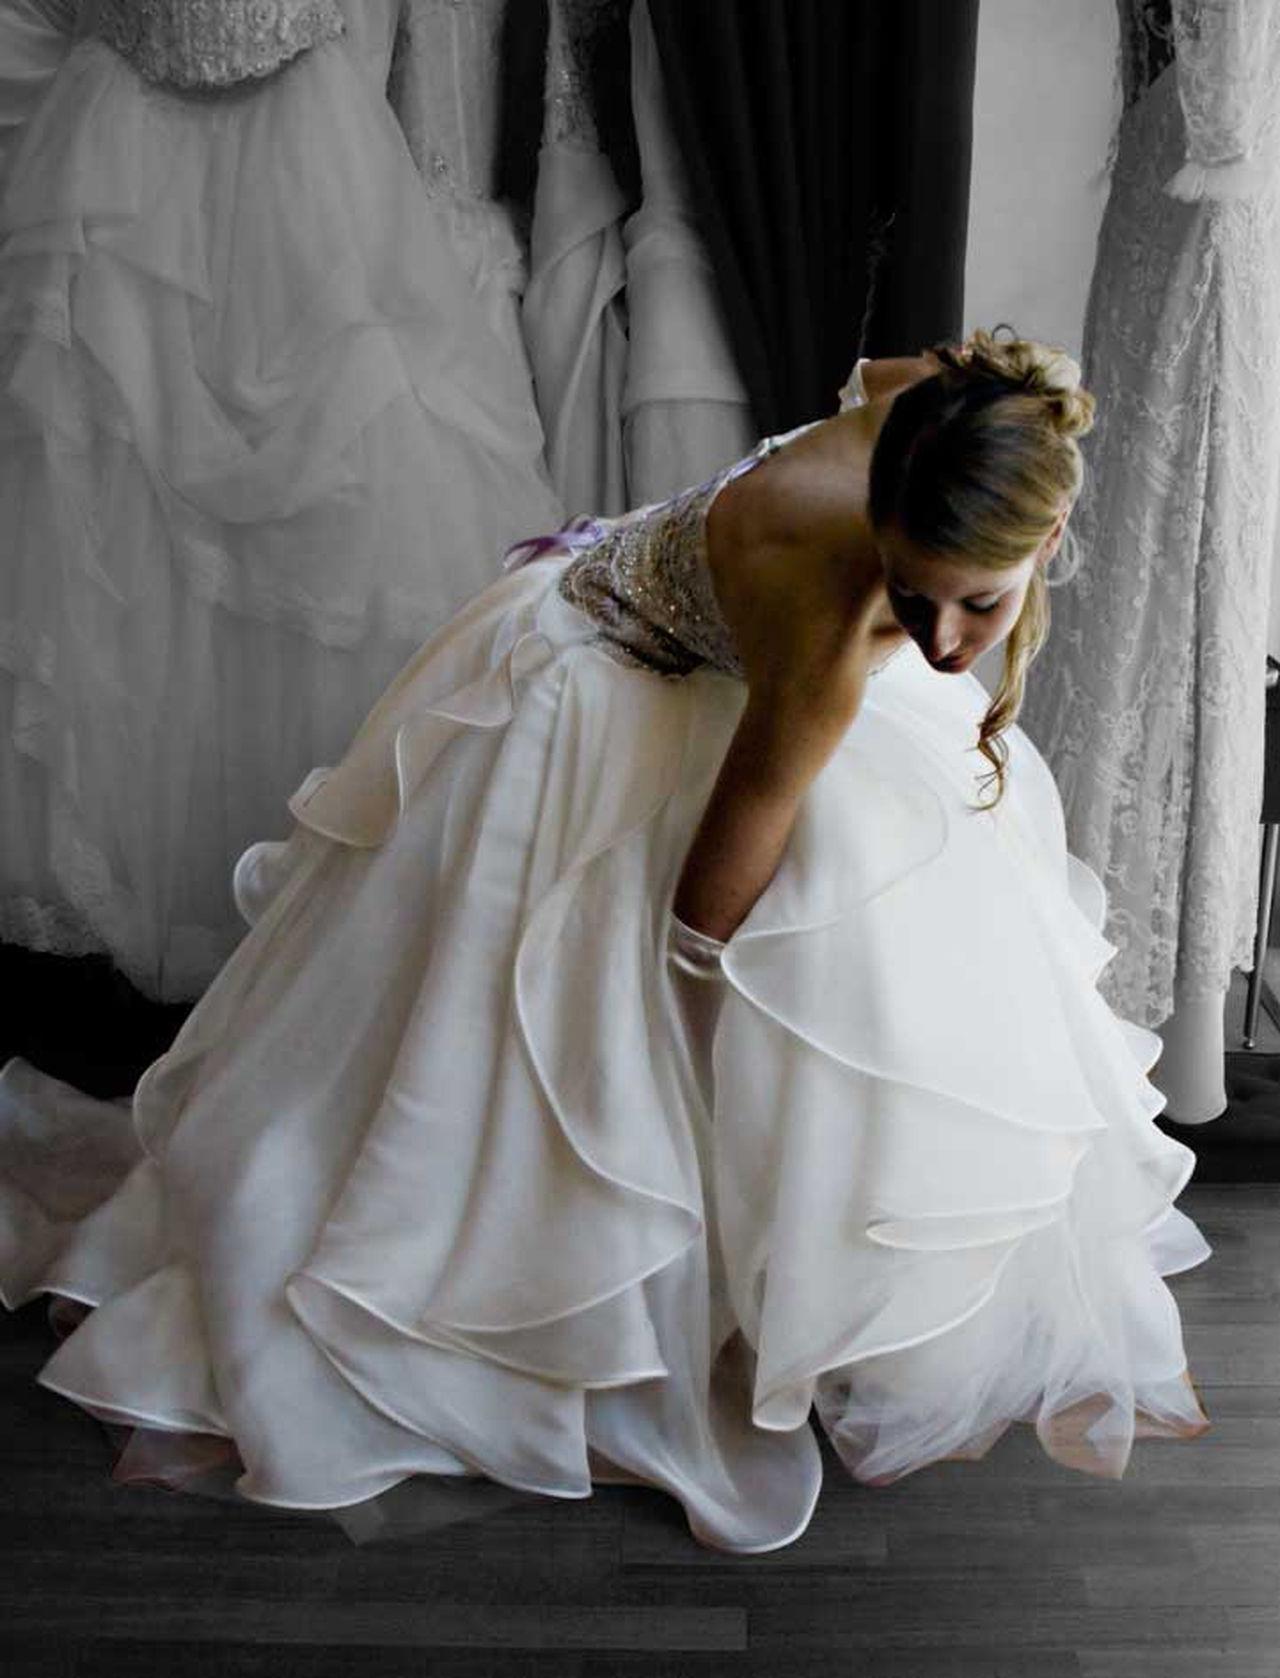 Bride. Wedding Photography Bride Canon5dmk2 Fashion